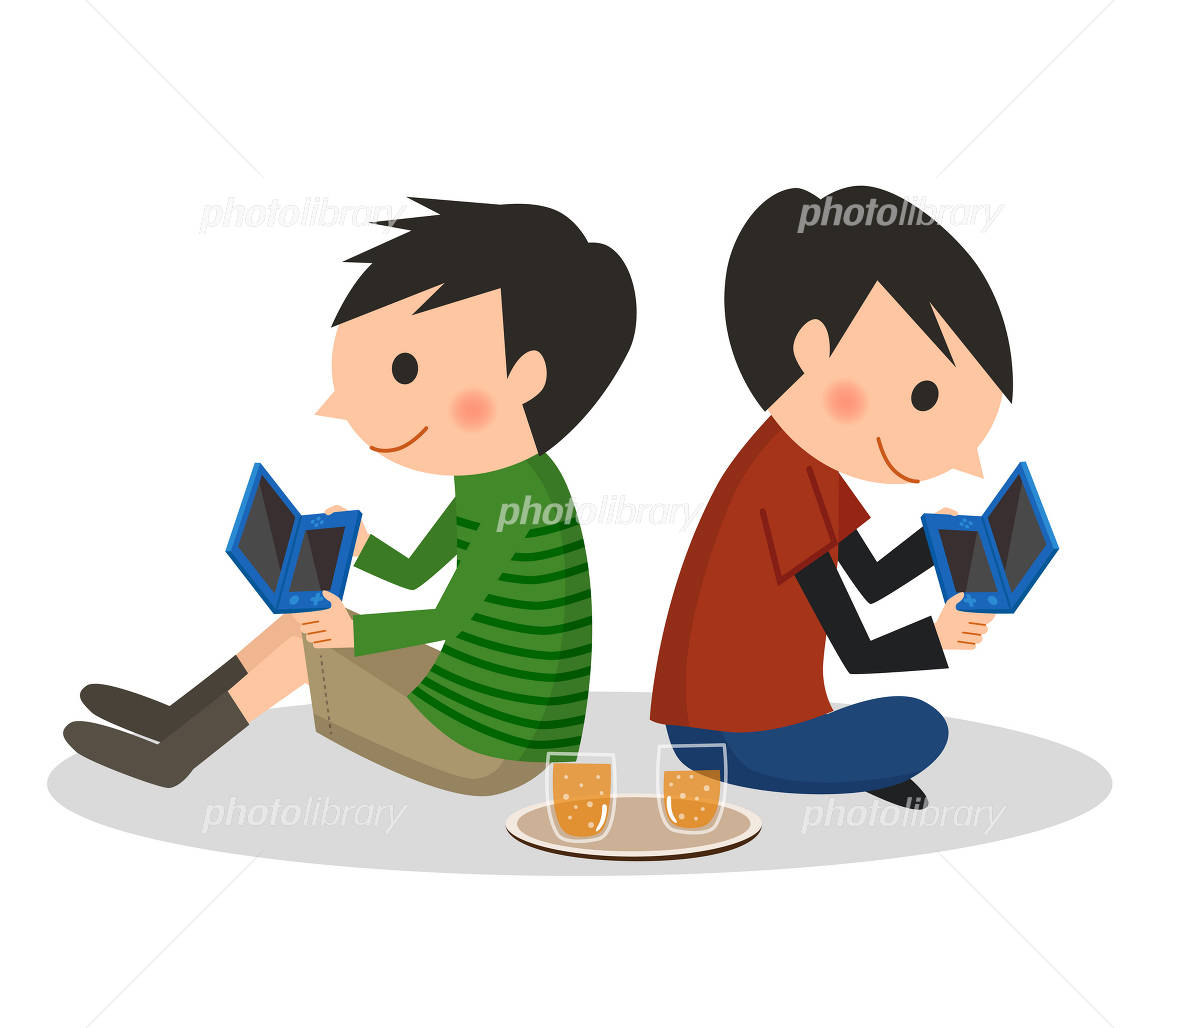 ゲームをする男の子 イラスト素材 2568879 フォトライブラリー